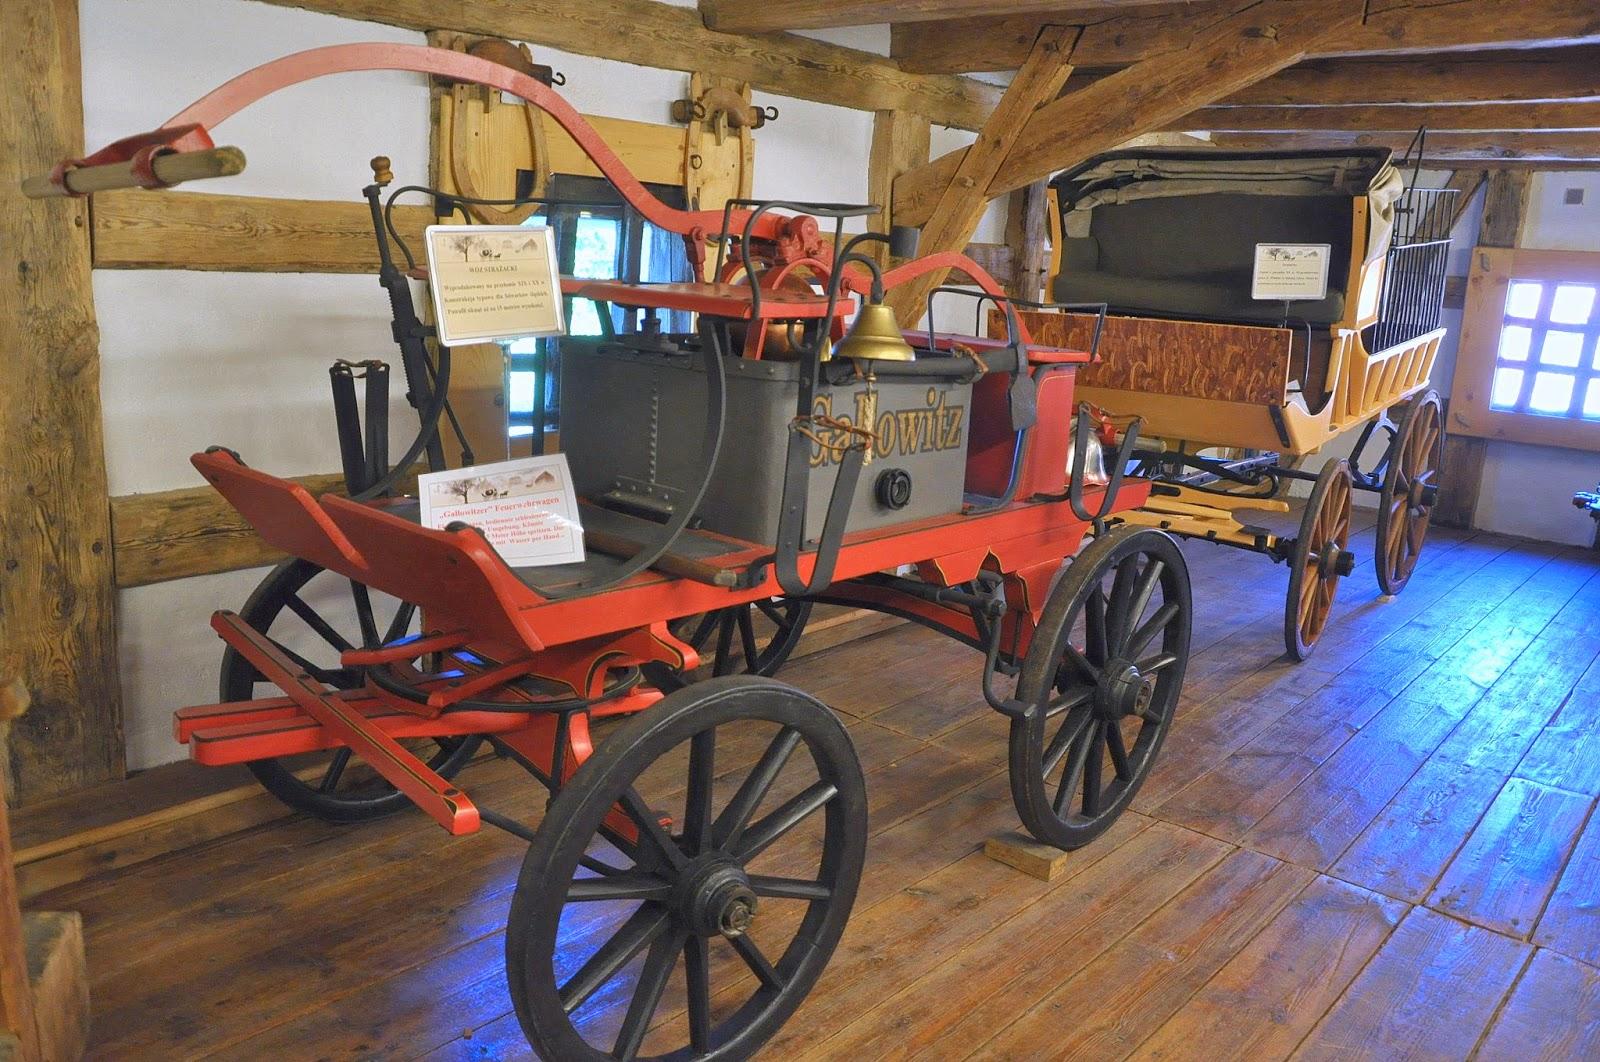 wóz strażacki z Galowitz w muzeum powozów